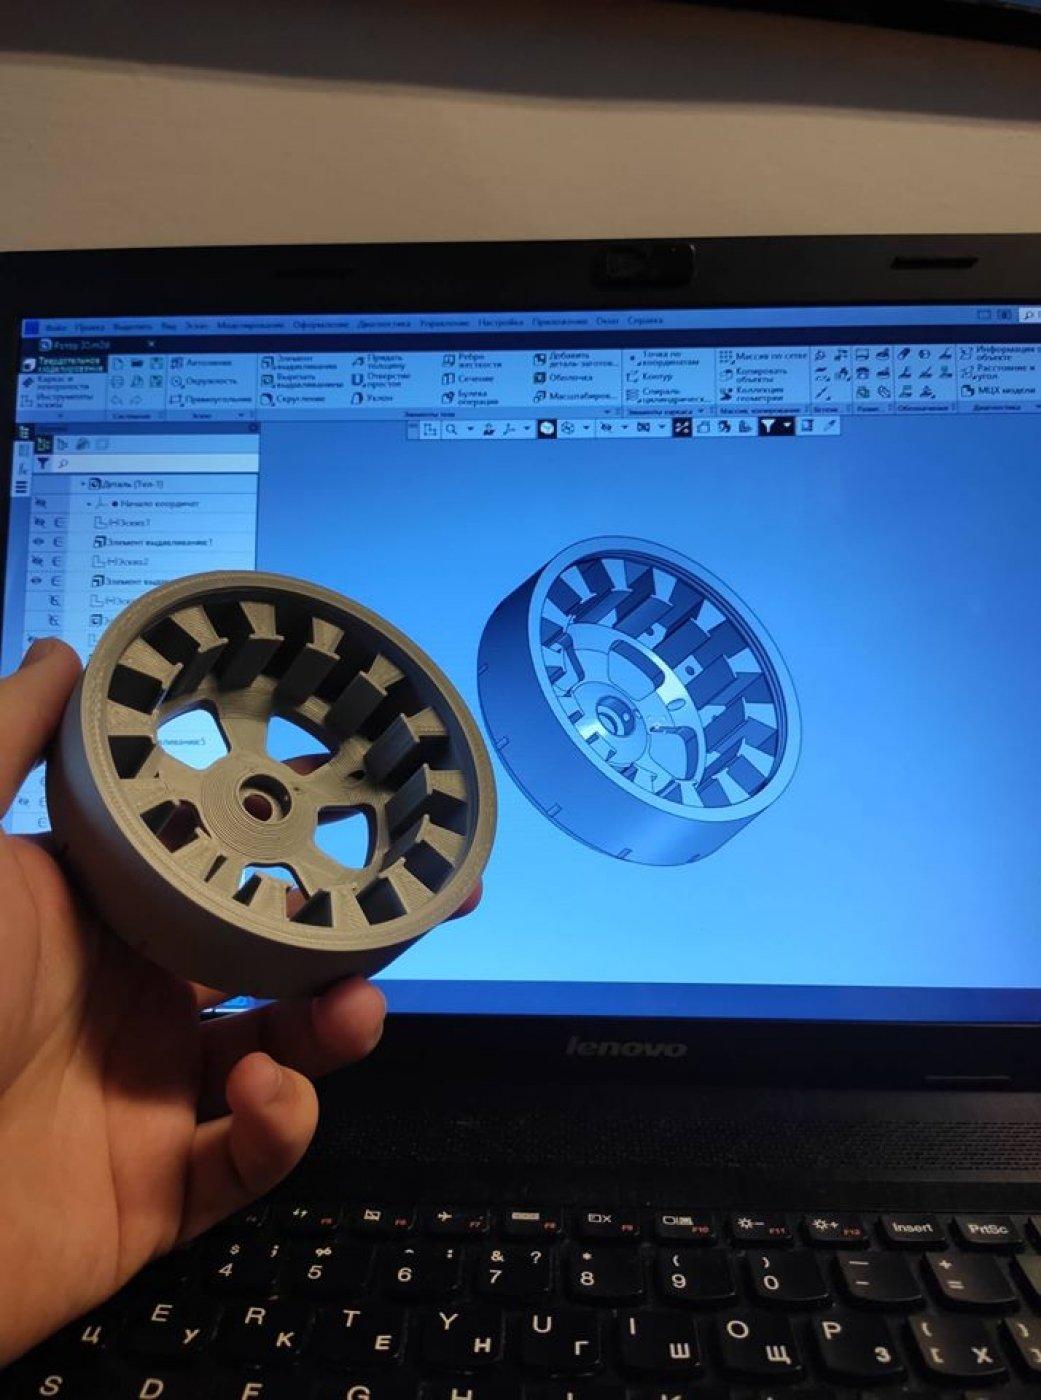 Студент ІФНТУНГ за допомогою 3D друку виготовив безколекторний електродвигун (фото), фото-6